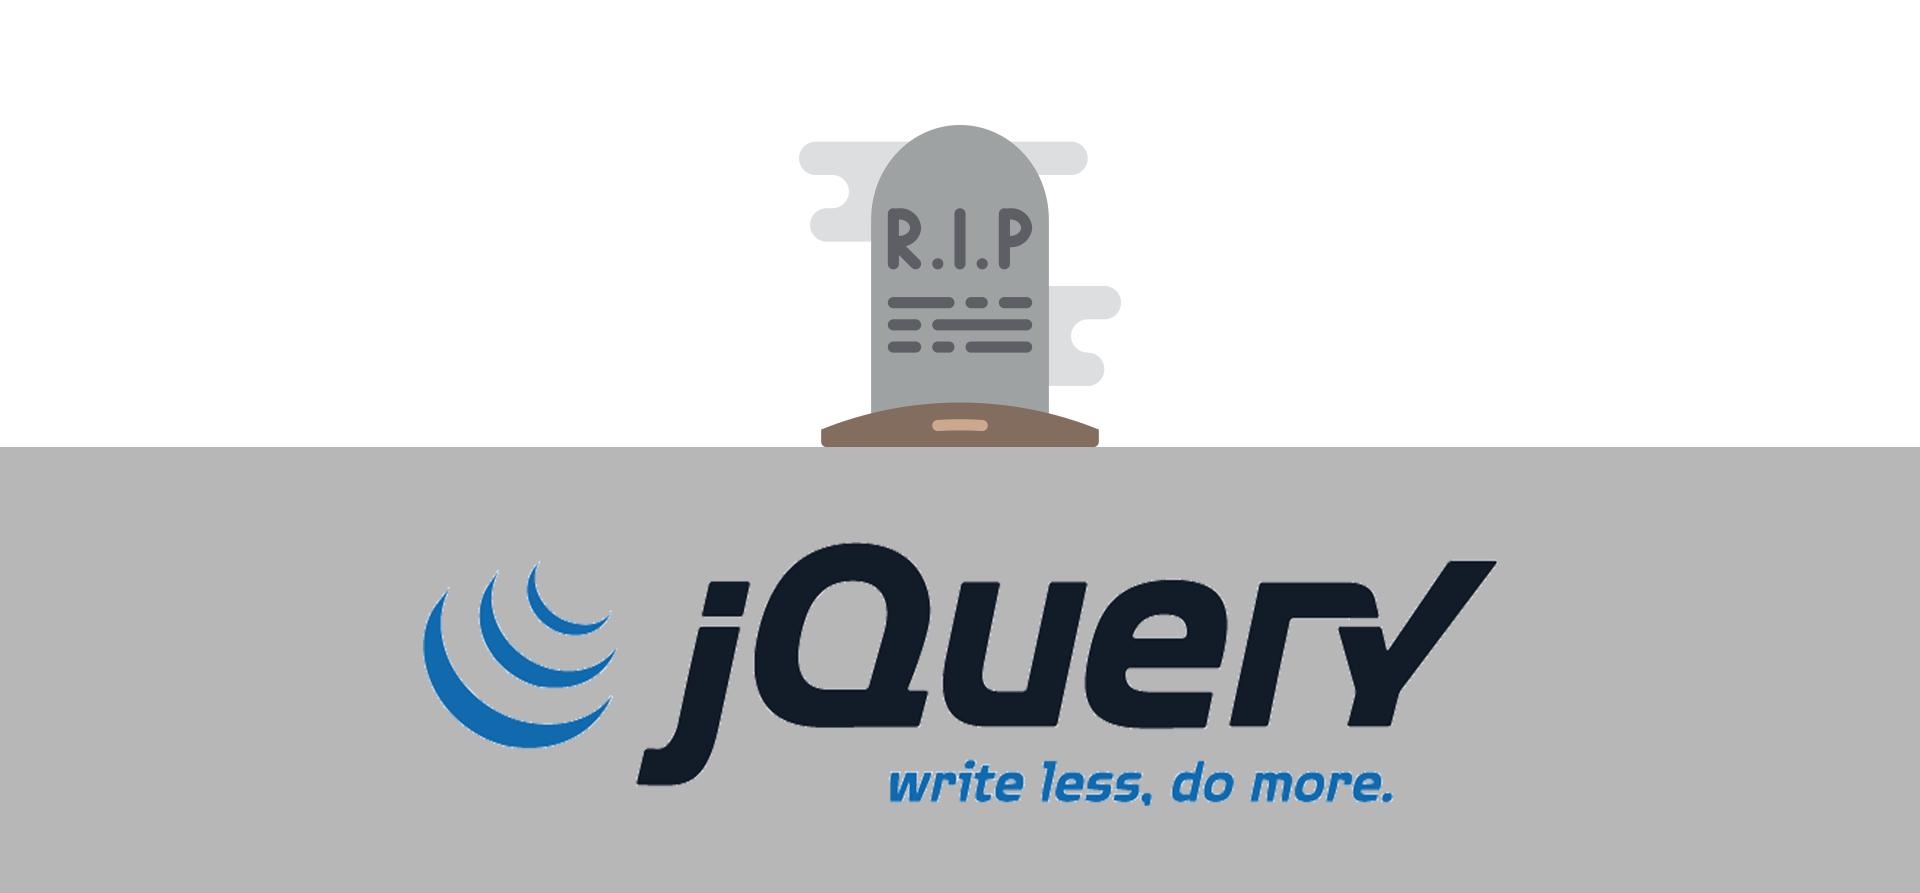 در سال ۲۰۱۹ آیا هنوز jQuery زنده است؟